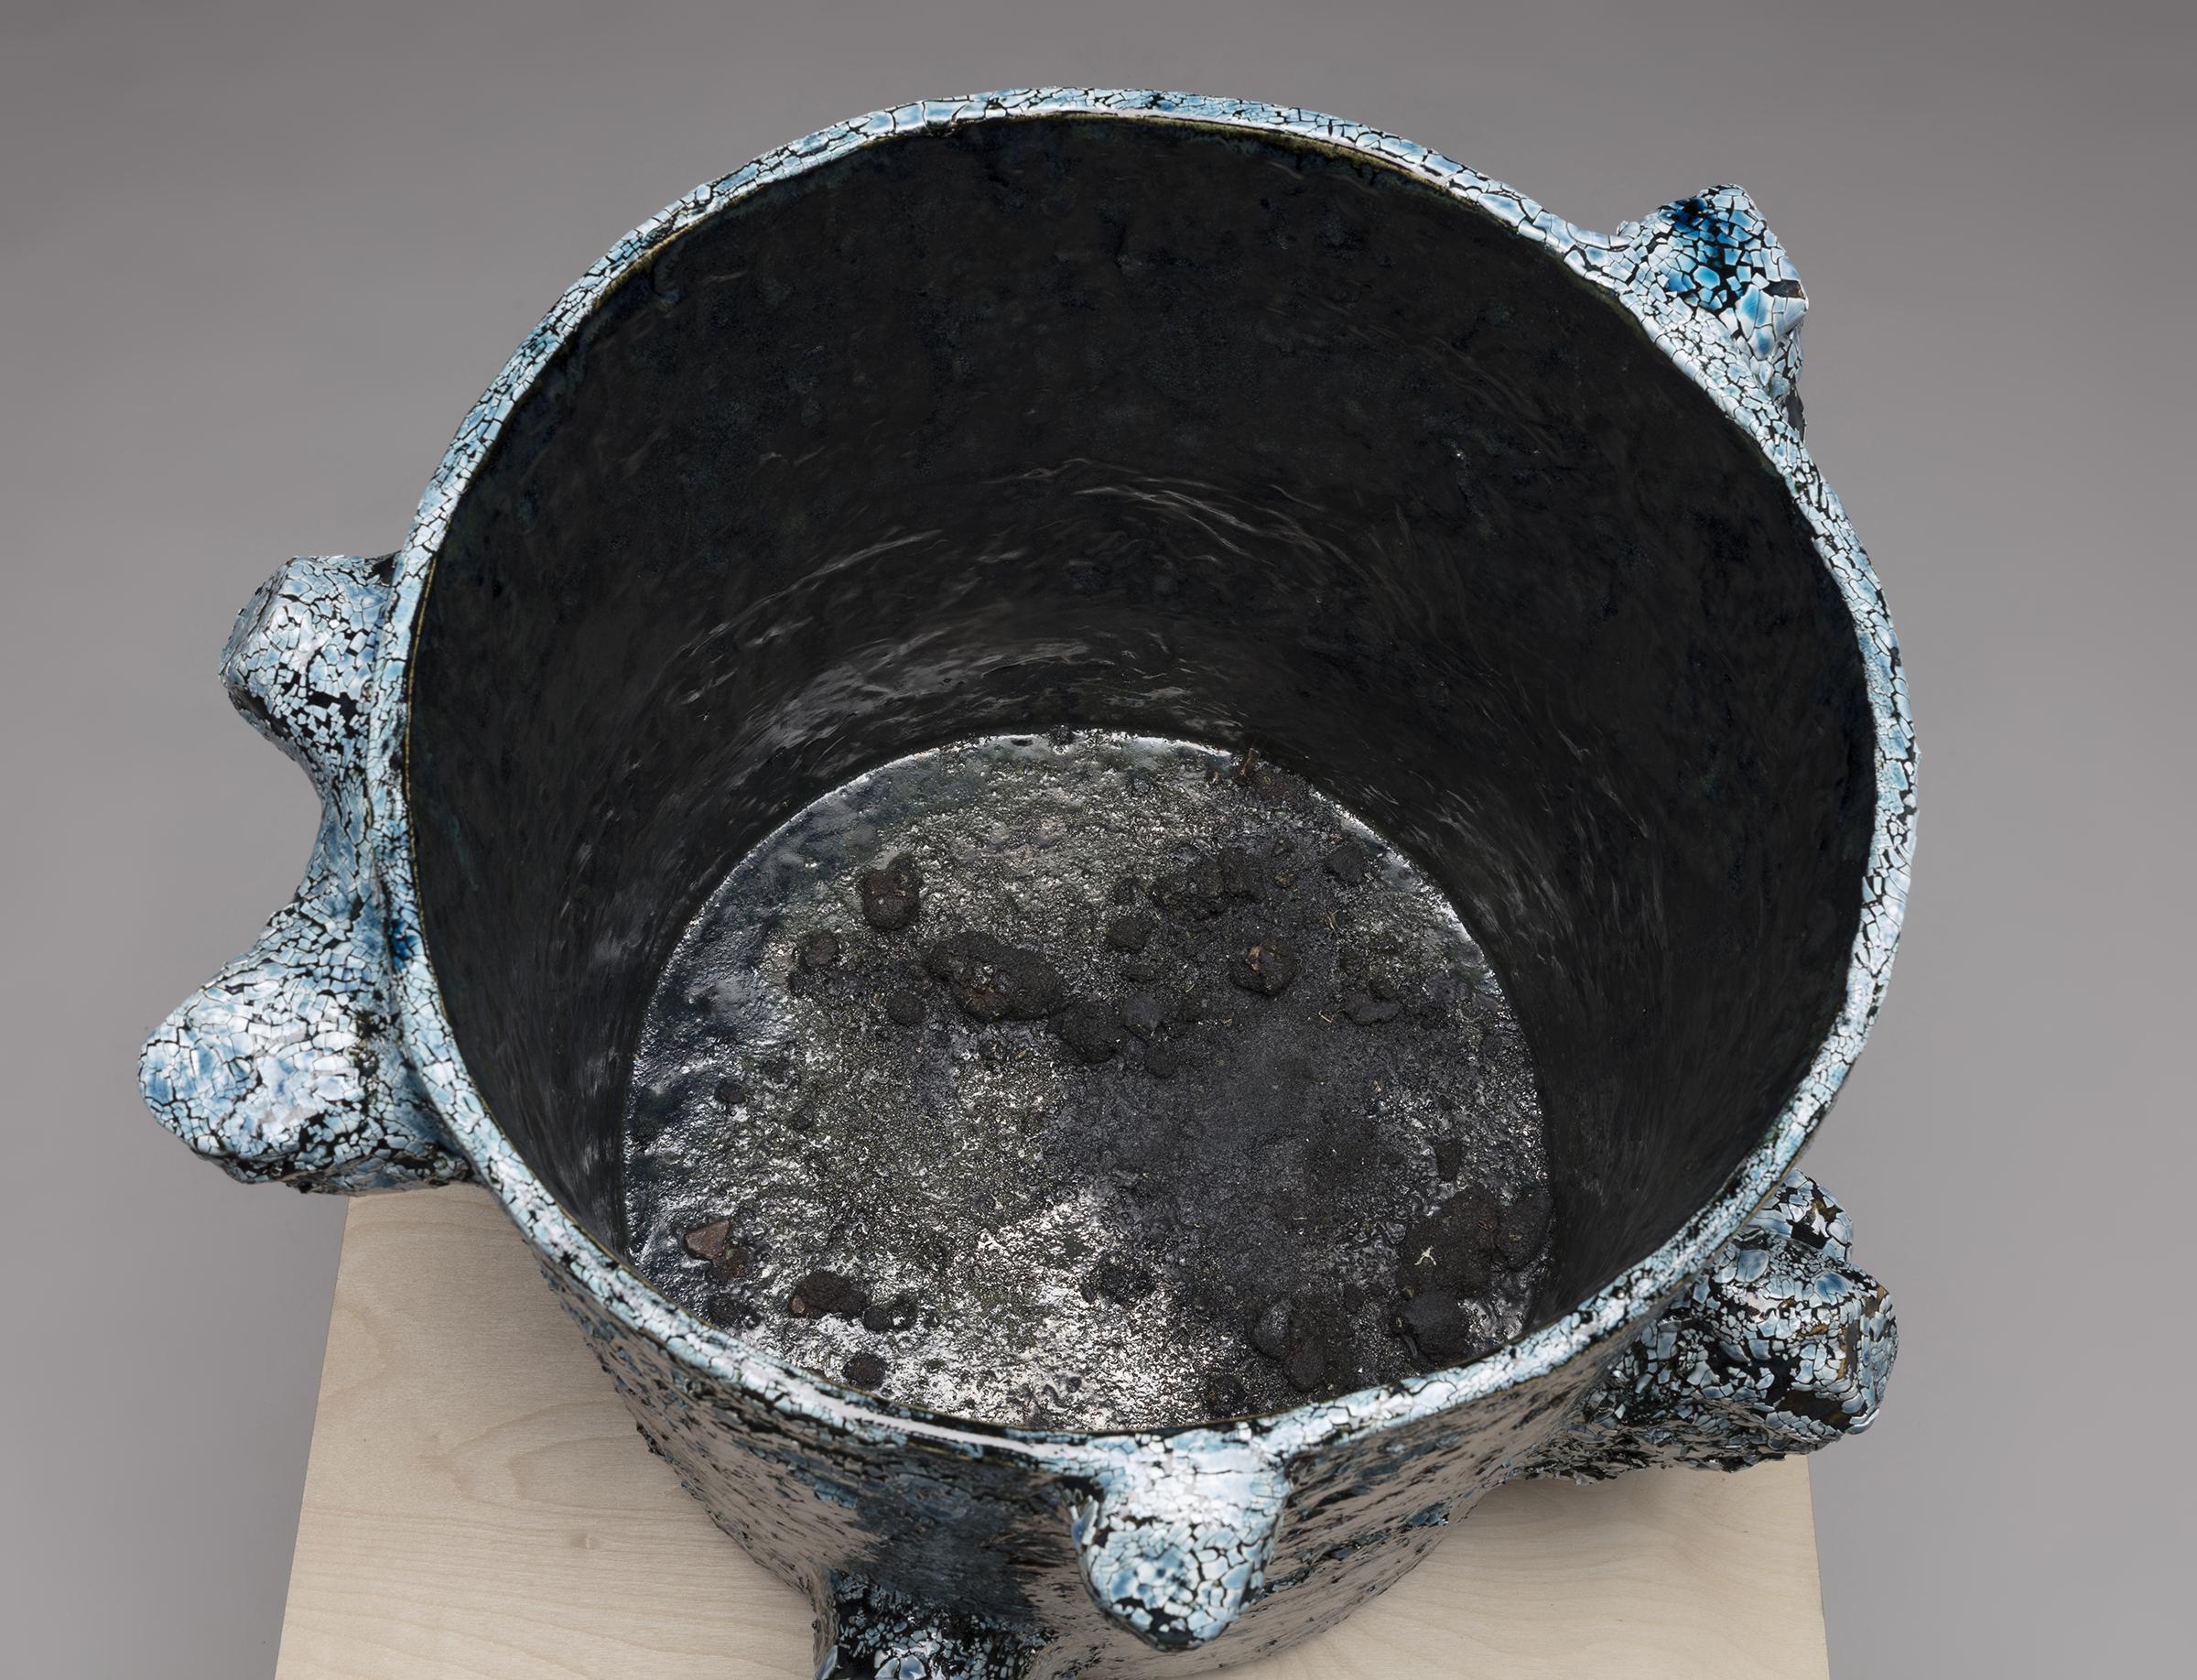 Tony Marsh. <em>Crucible Furiosa  3</em>, 2018. Ceramic, 14 x 17 x 17 inches (35.6 x 43.2 x 43.2 cm) Detail